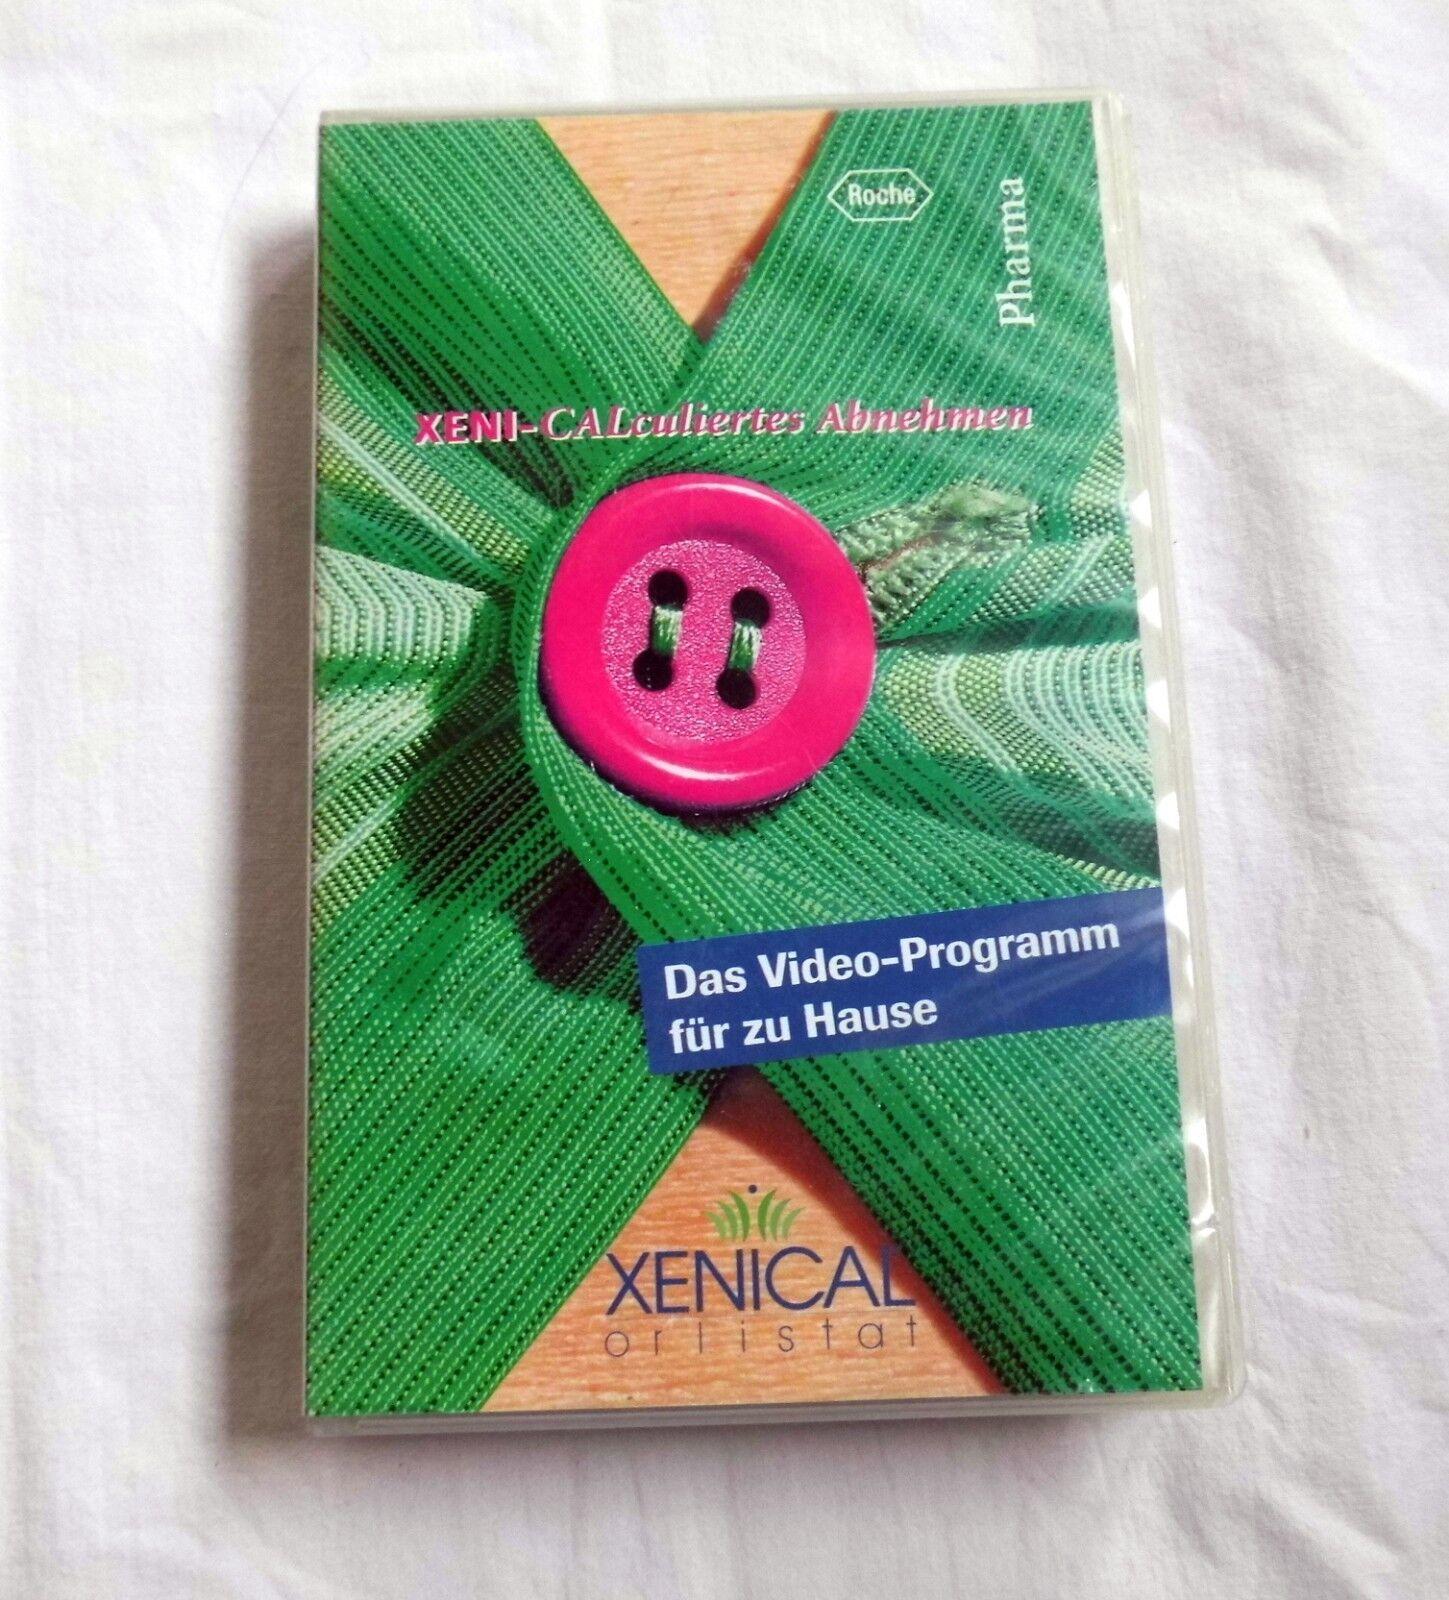 Xenical - Xeni Calculiertes Abnehmen - Video Programm für zu Hause - VHS 1998